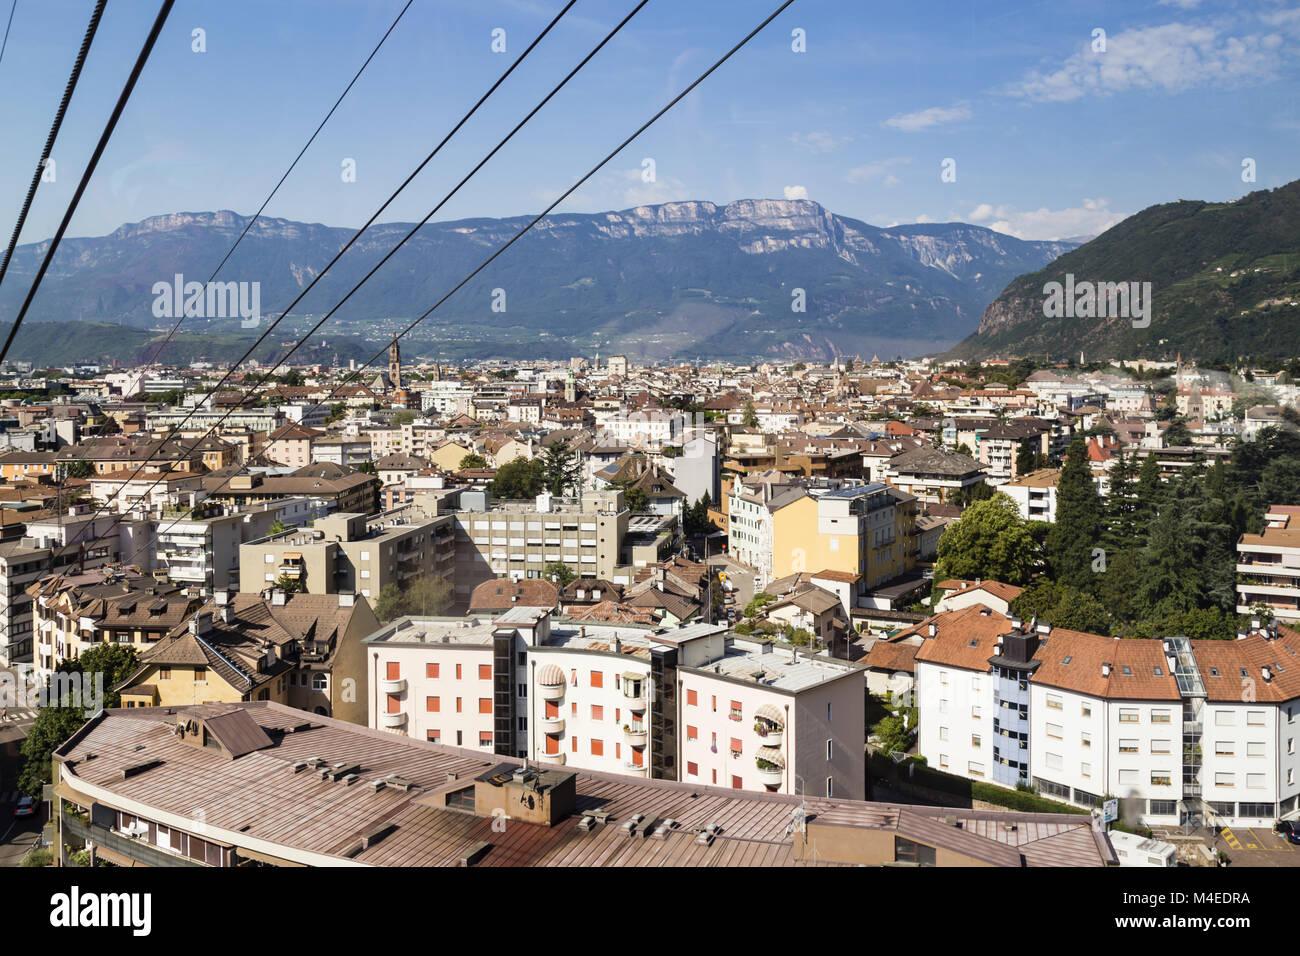 View to Bolzano, South Tyrol, Italy - Stock Image